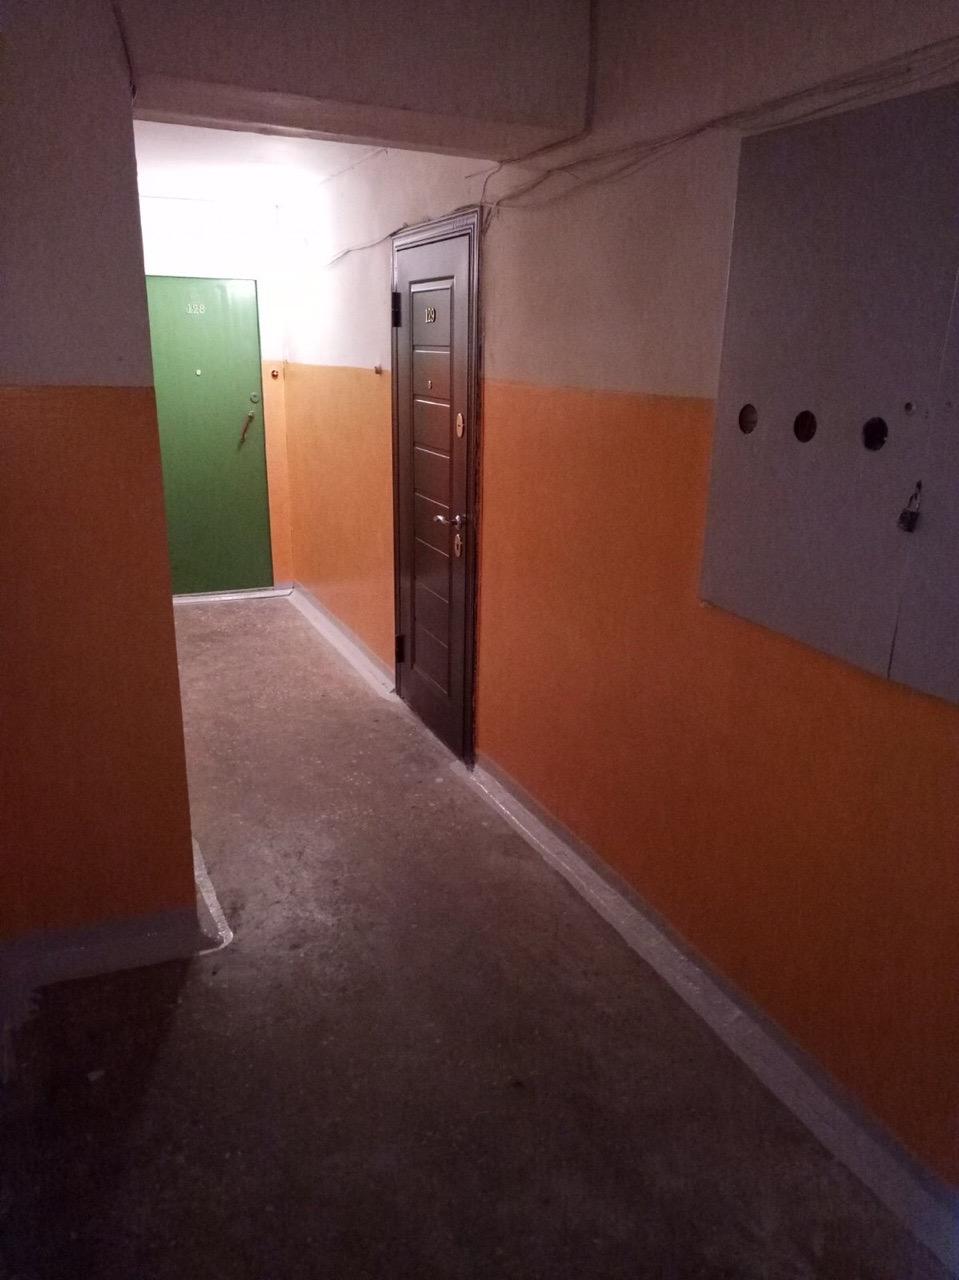 Улица Добролюбова дом 10 продолжение ремонта подъезда